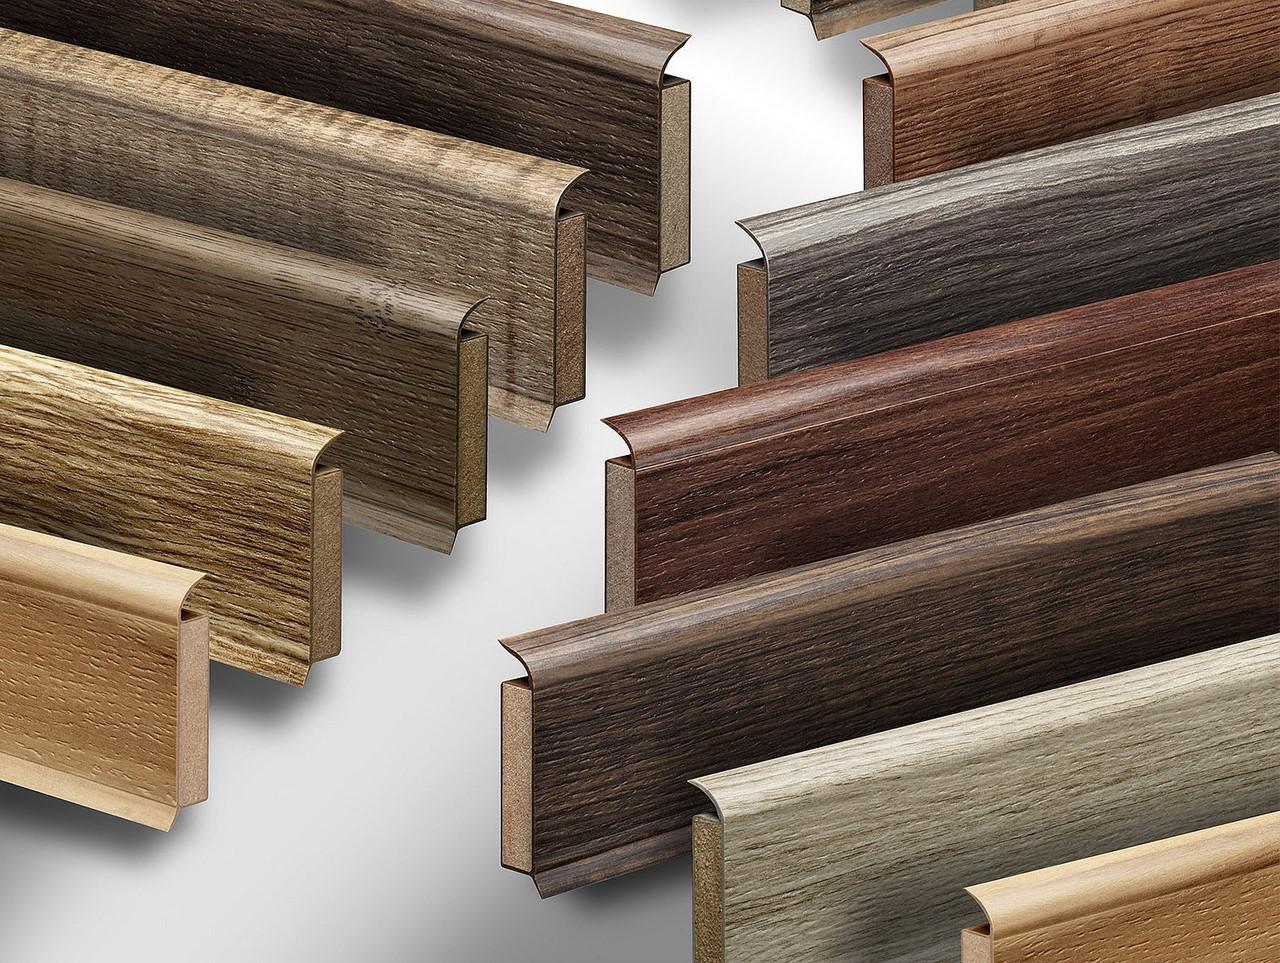 Drewniane listwy podłogowe, jako element dekoracyjny